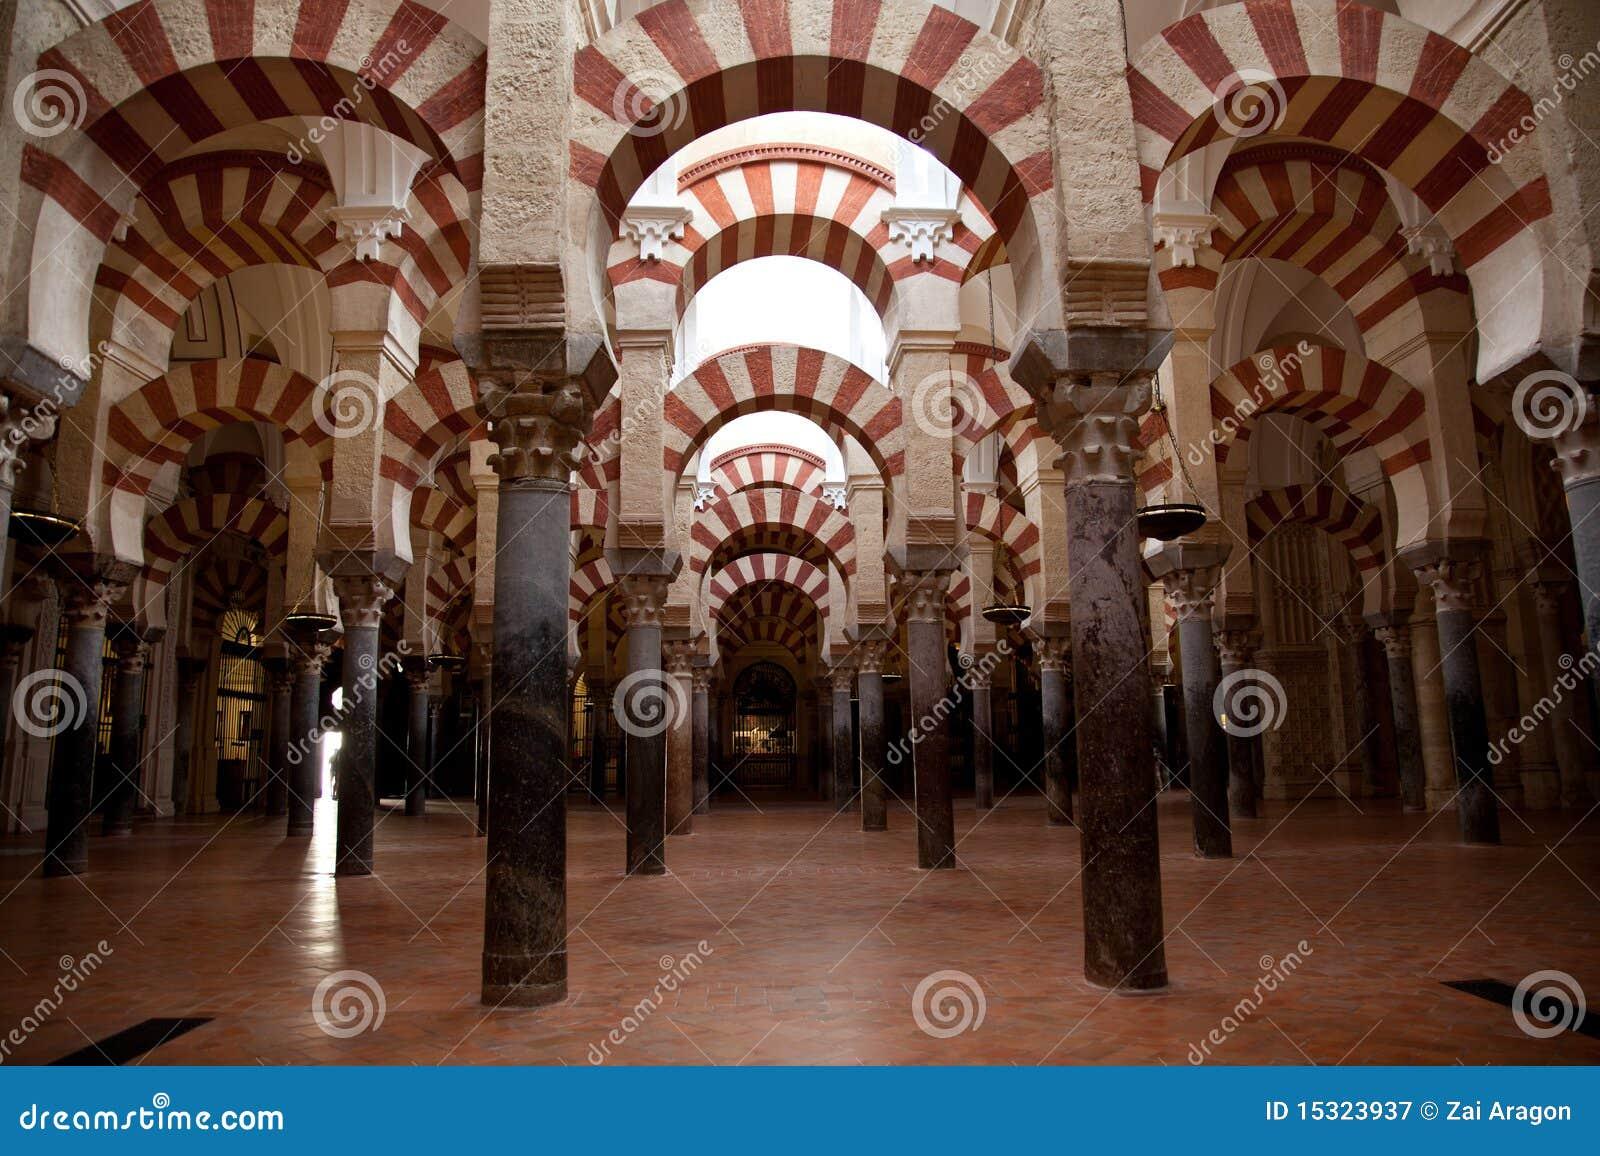 Interiores de la mezquita de Córdoba